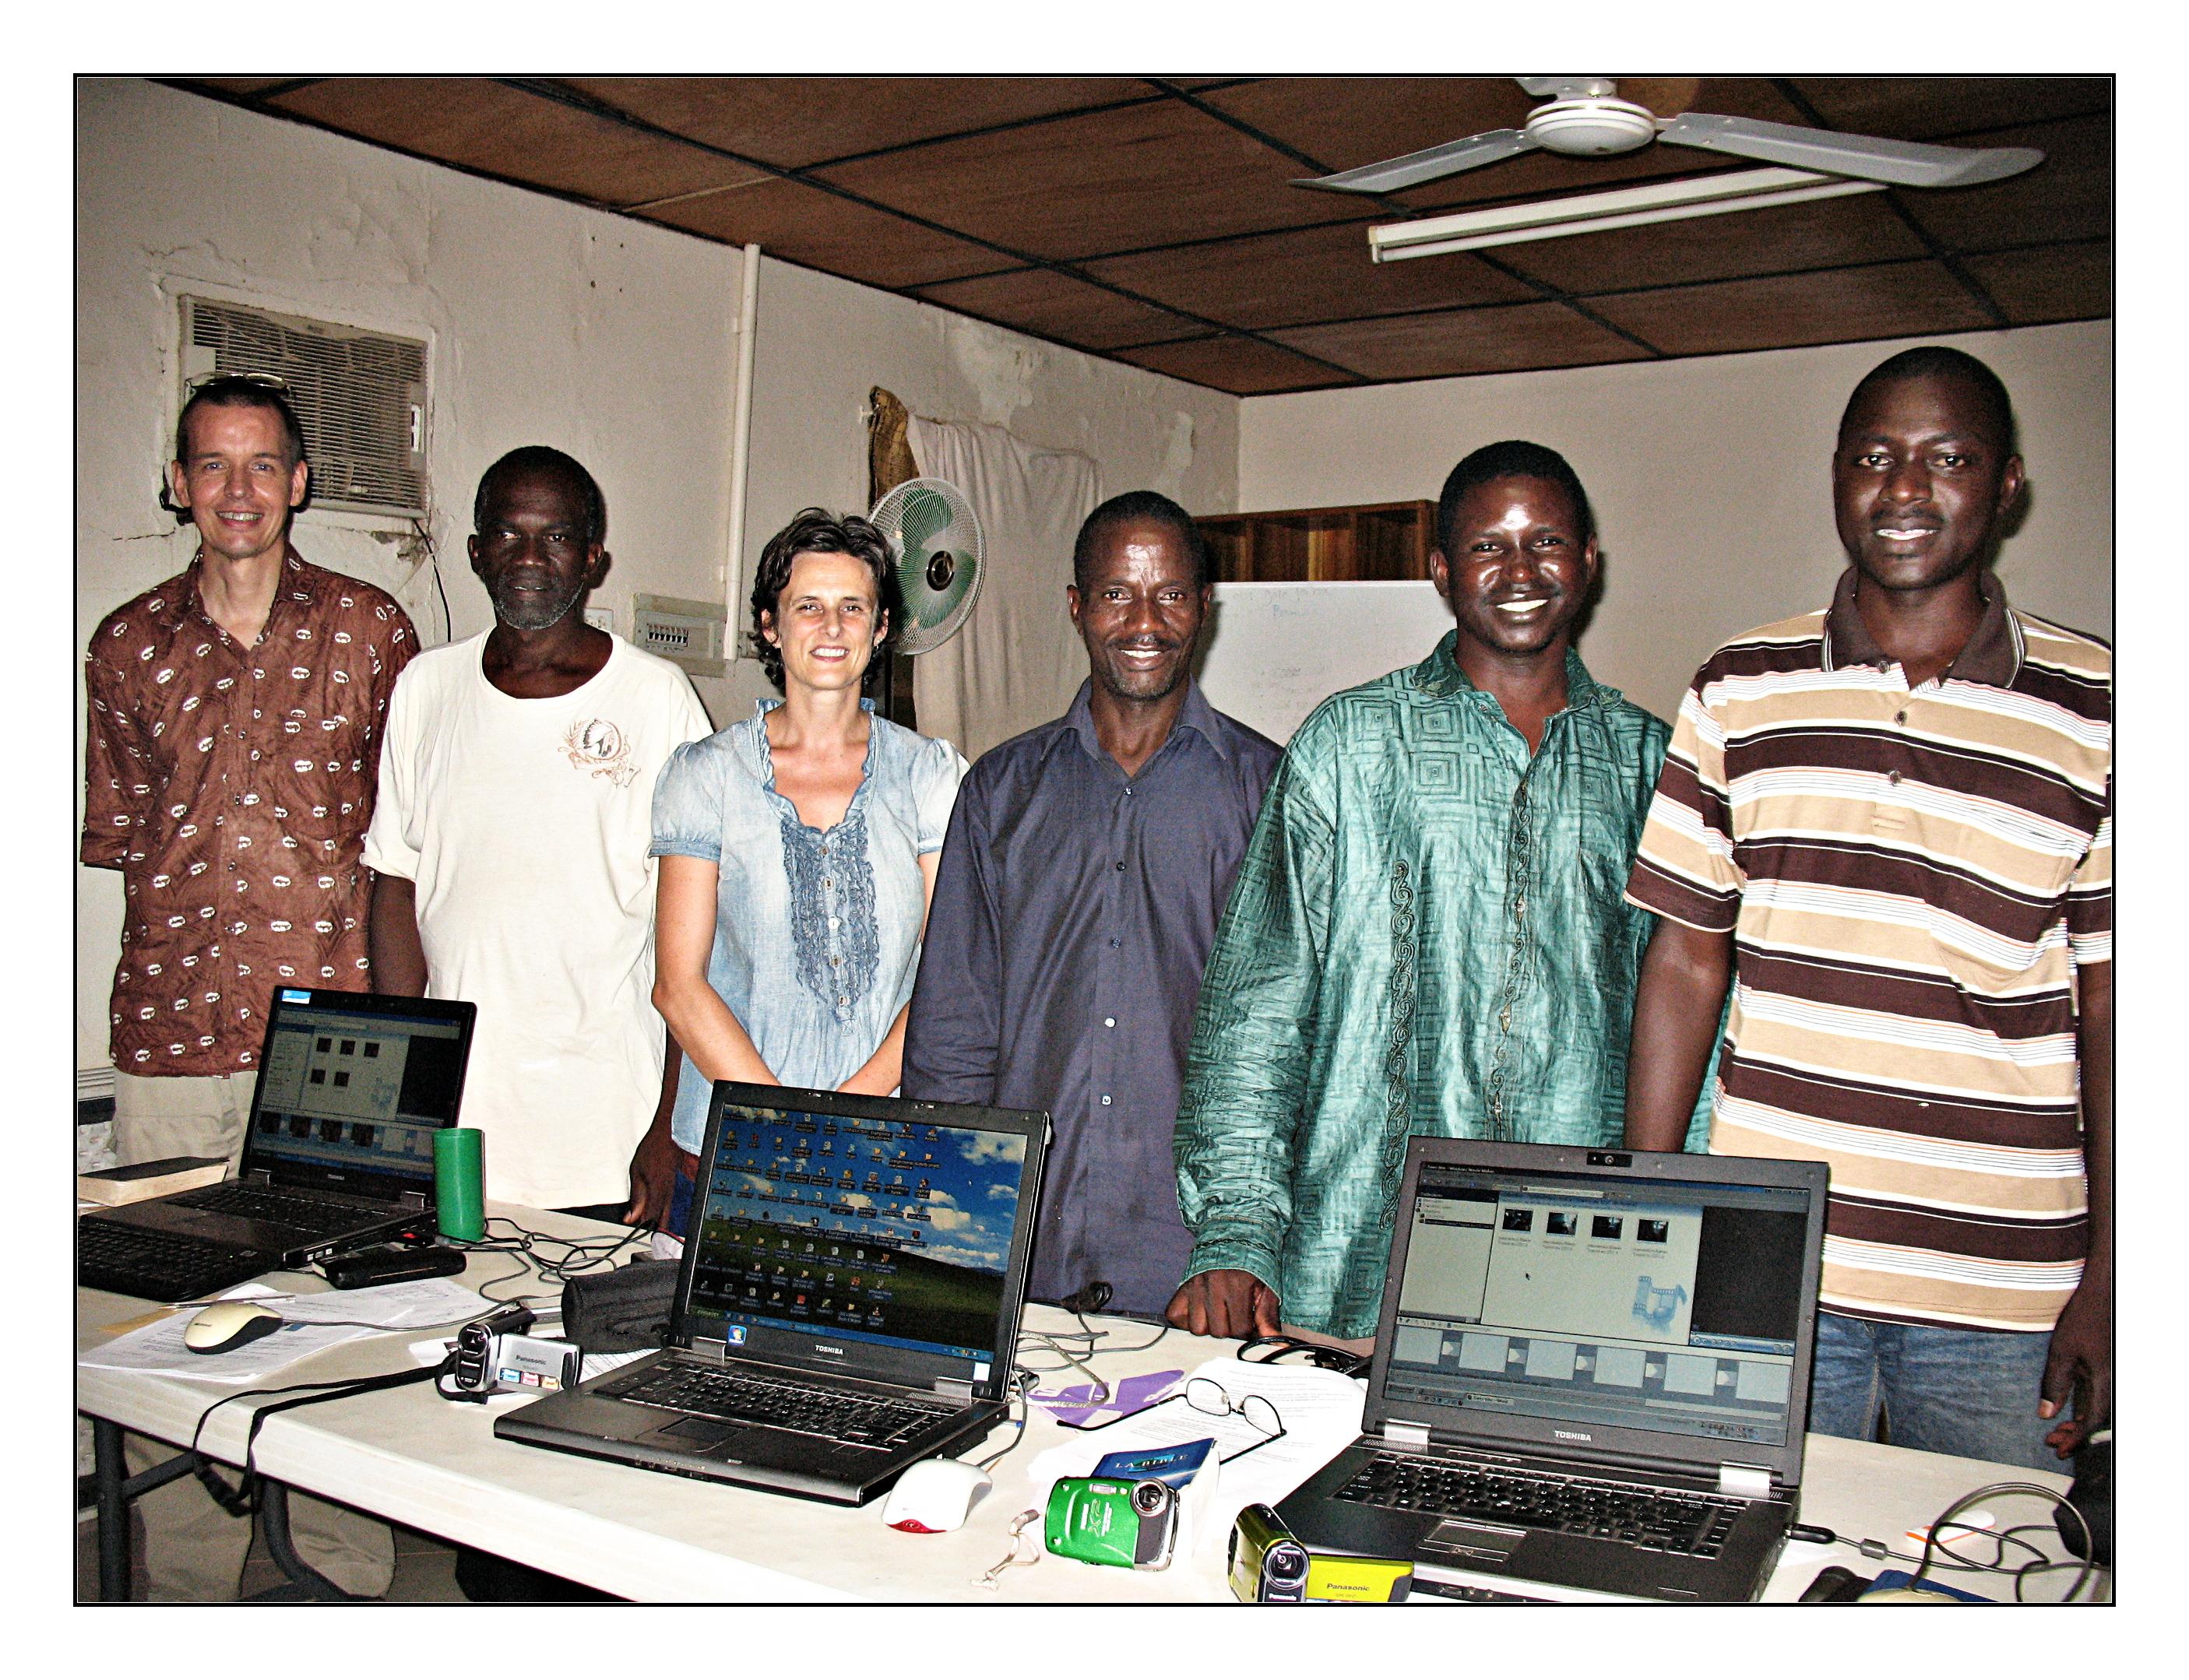 Licht uit in Noord-Mali